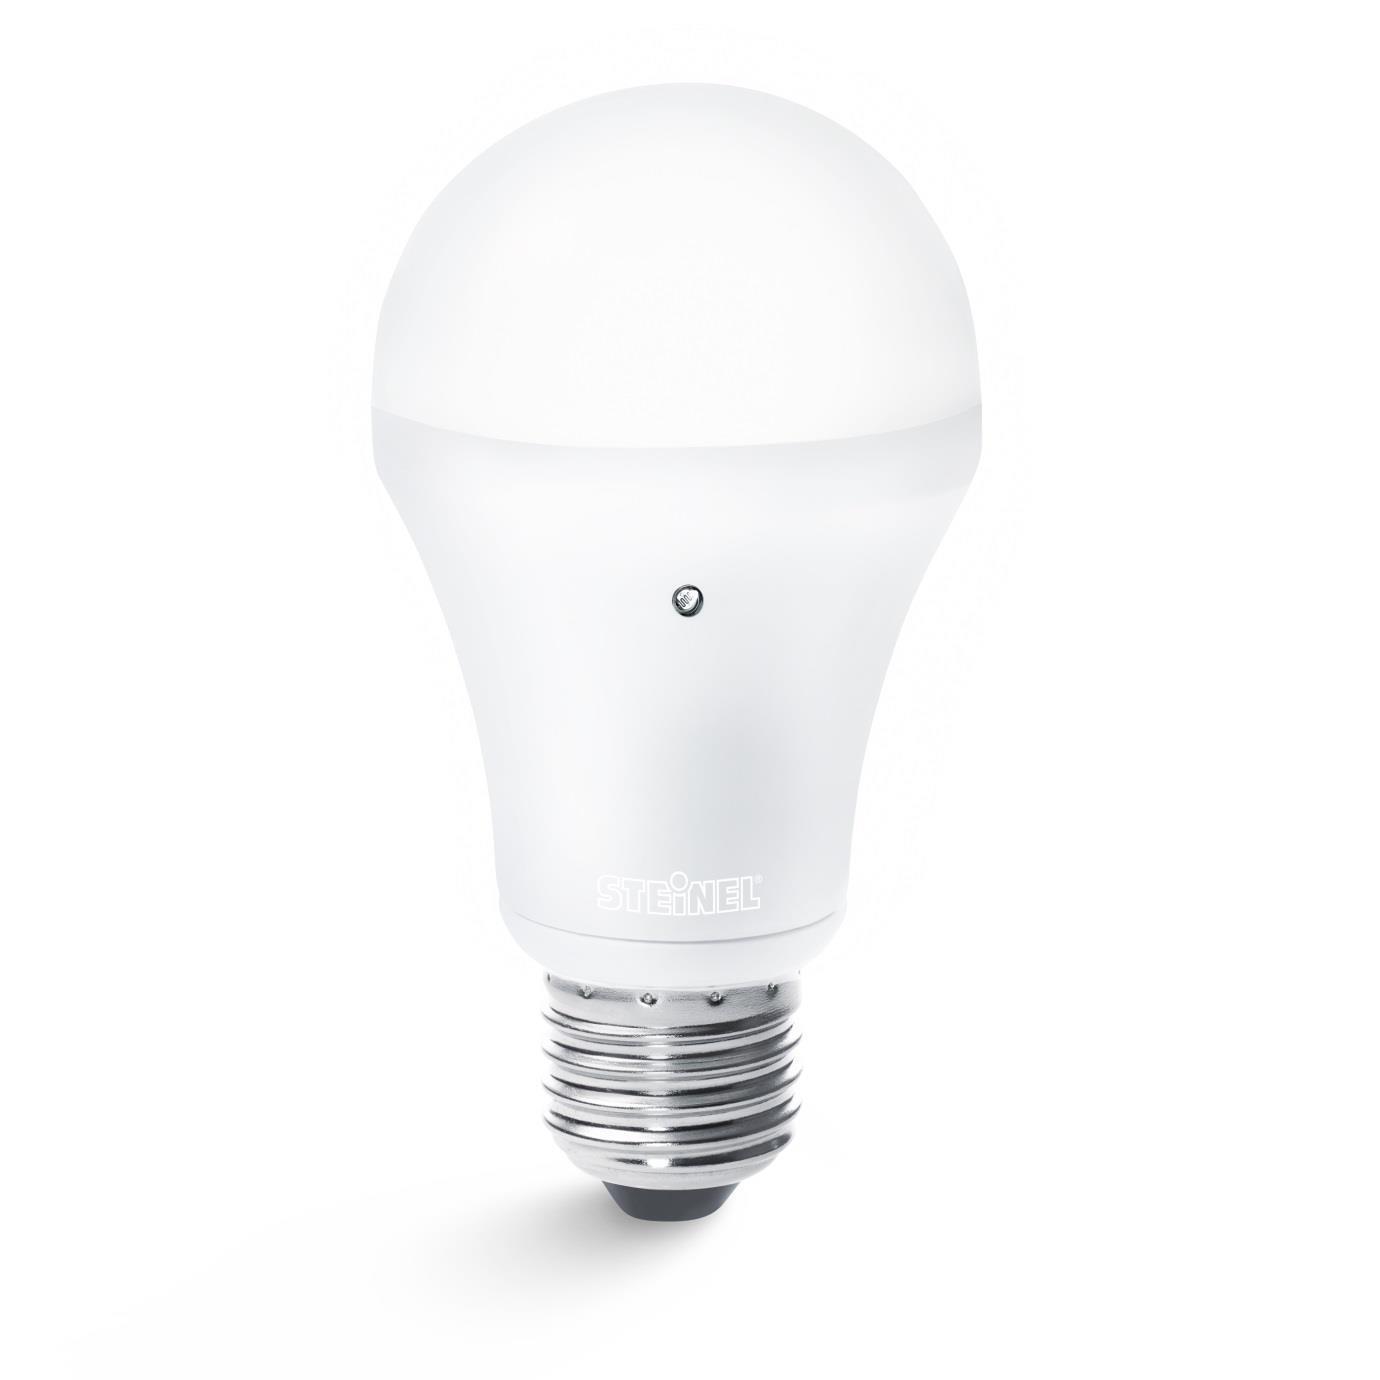 Details zu Steinel Sensor Light LED 8,5W E27 Energiesparlampe mit Dämmerungsschalter Licht